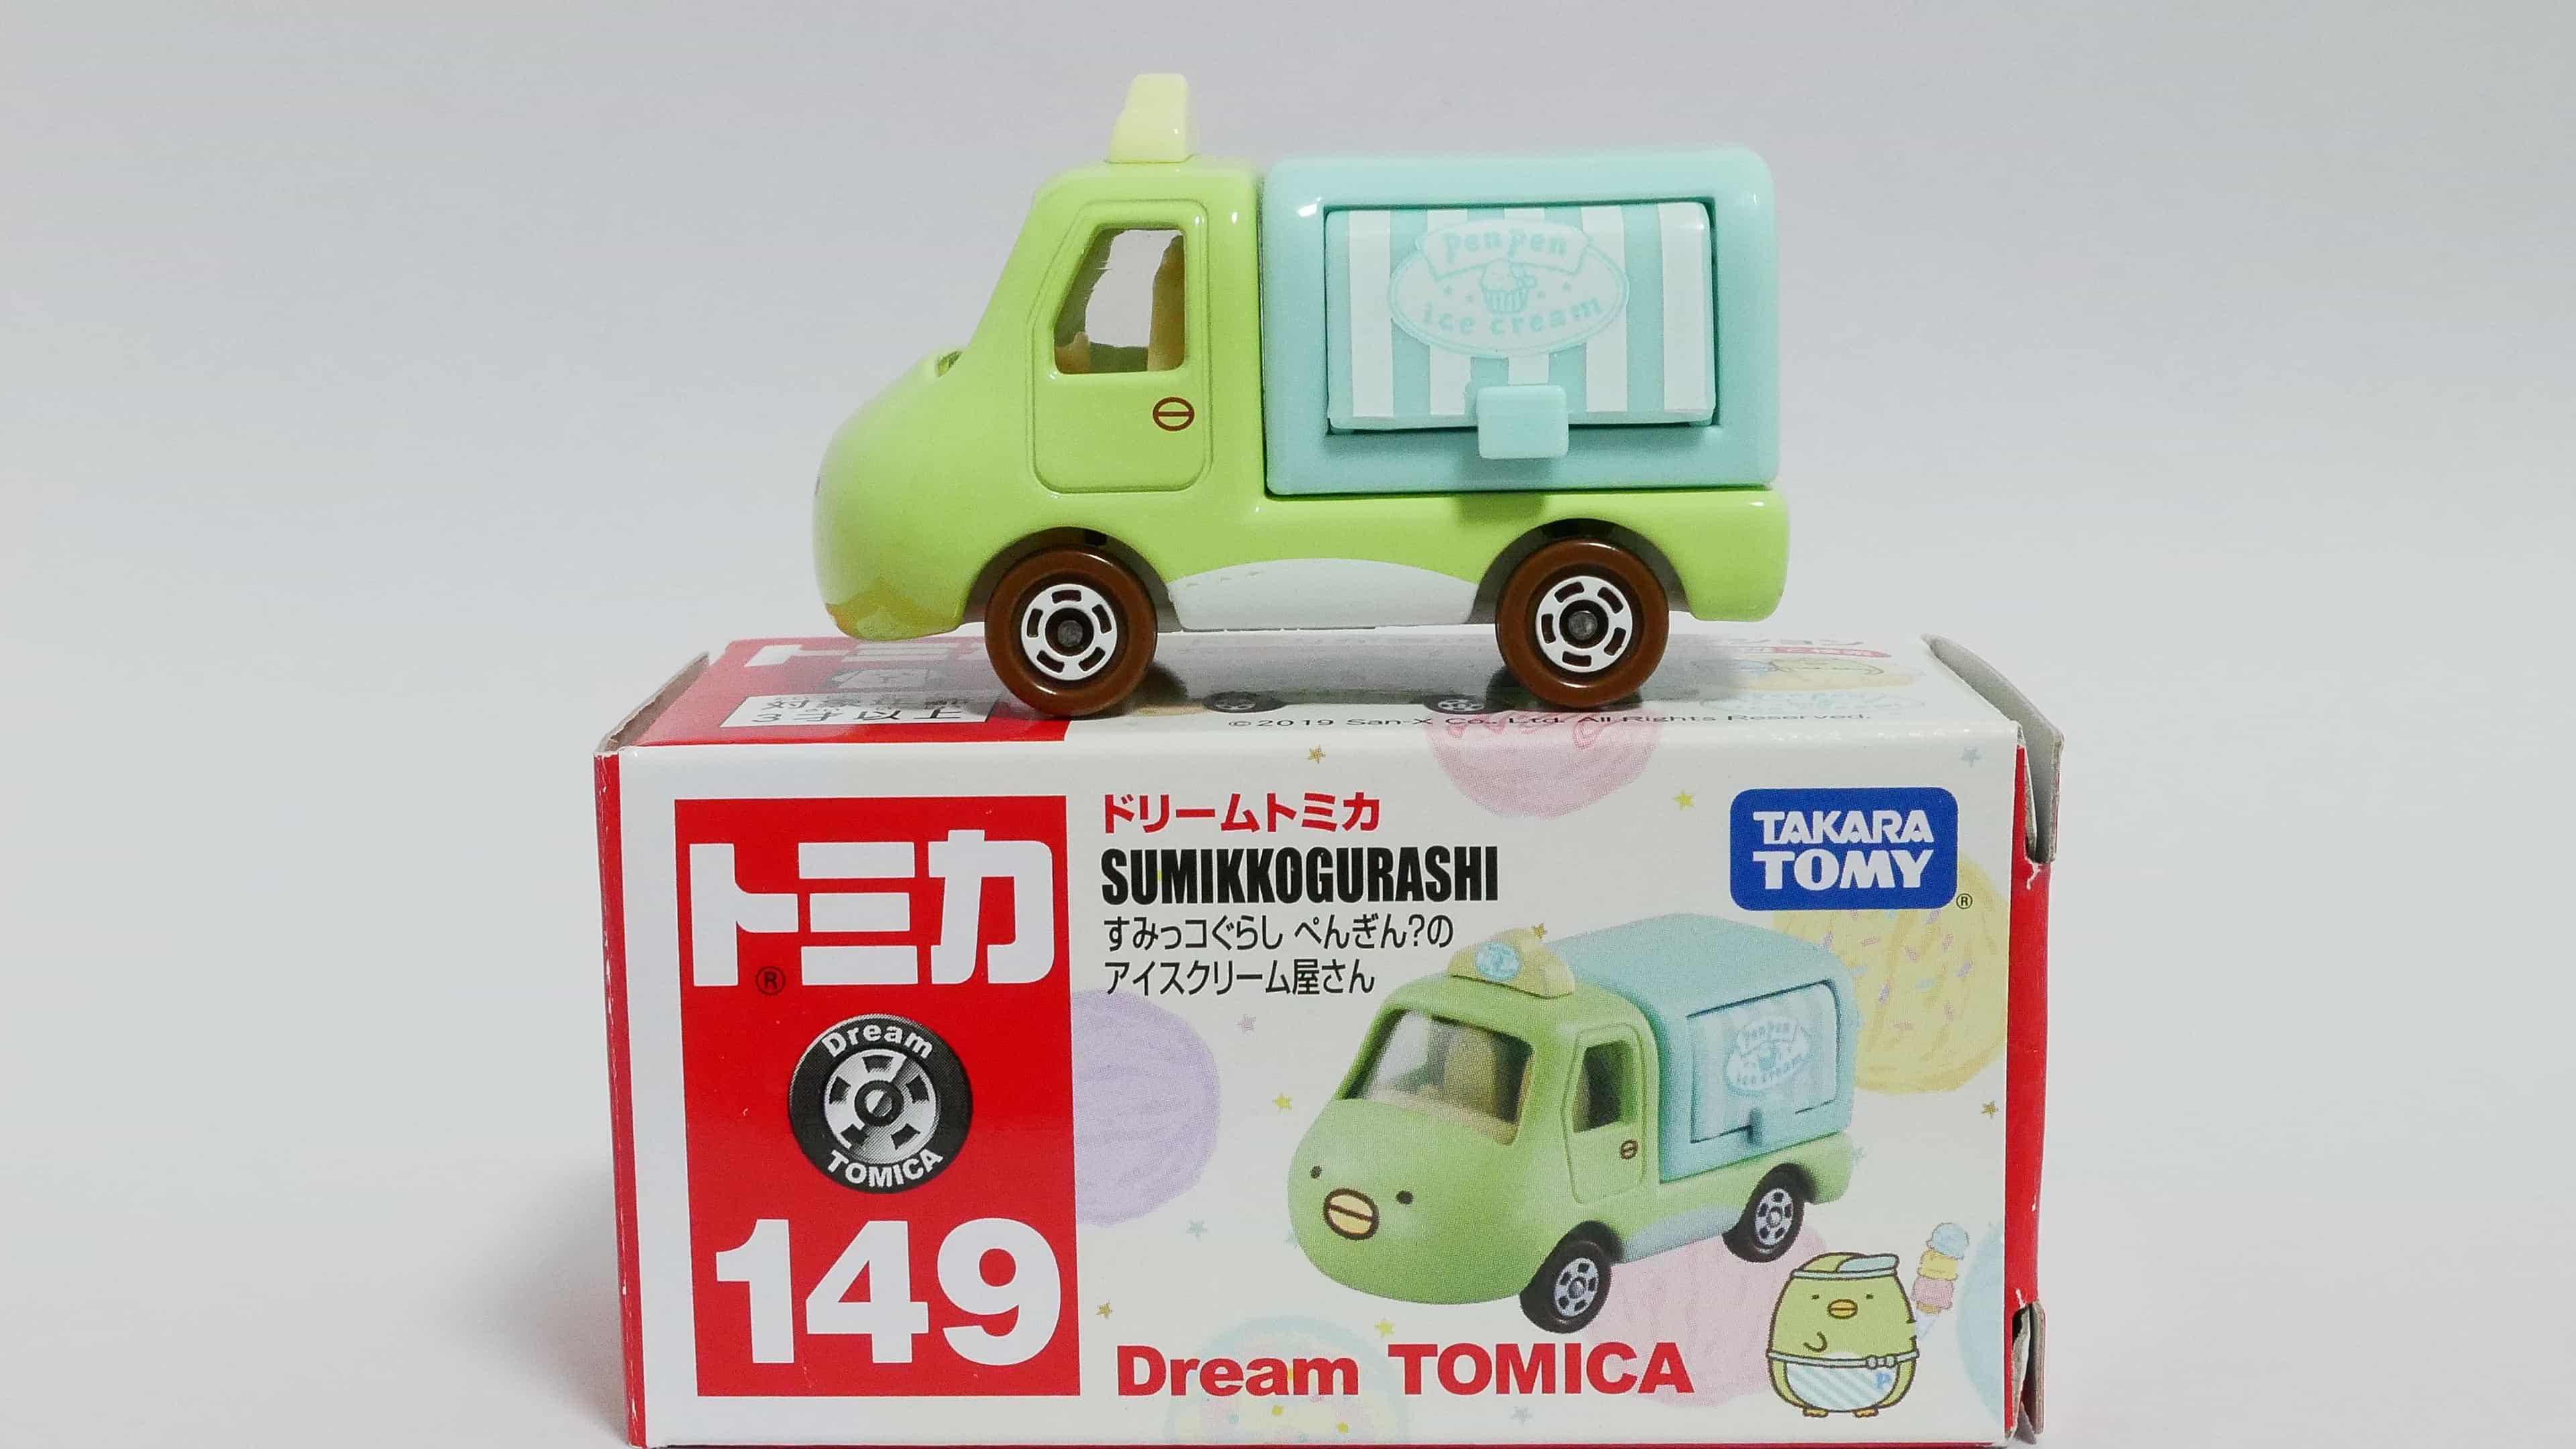 ドリームトミカNo.149-3すみっコぐらしぺんぎん?のアイスクリーム屋さん-箱